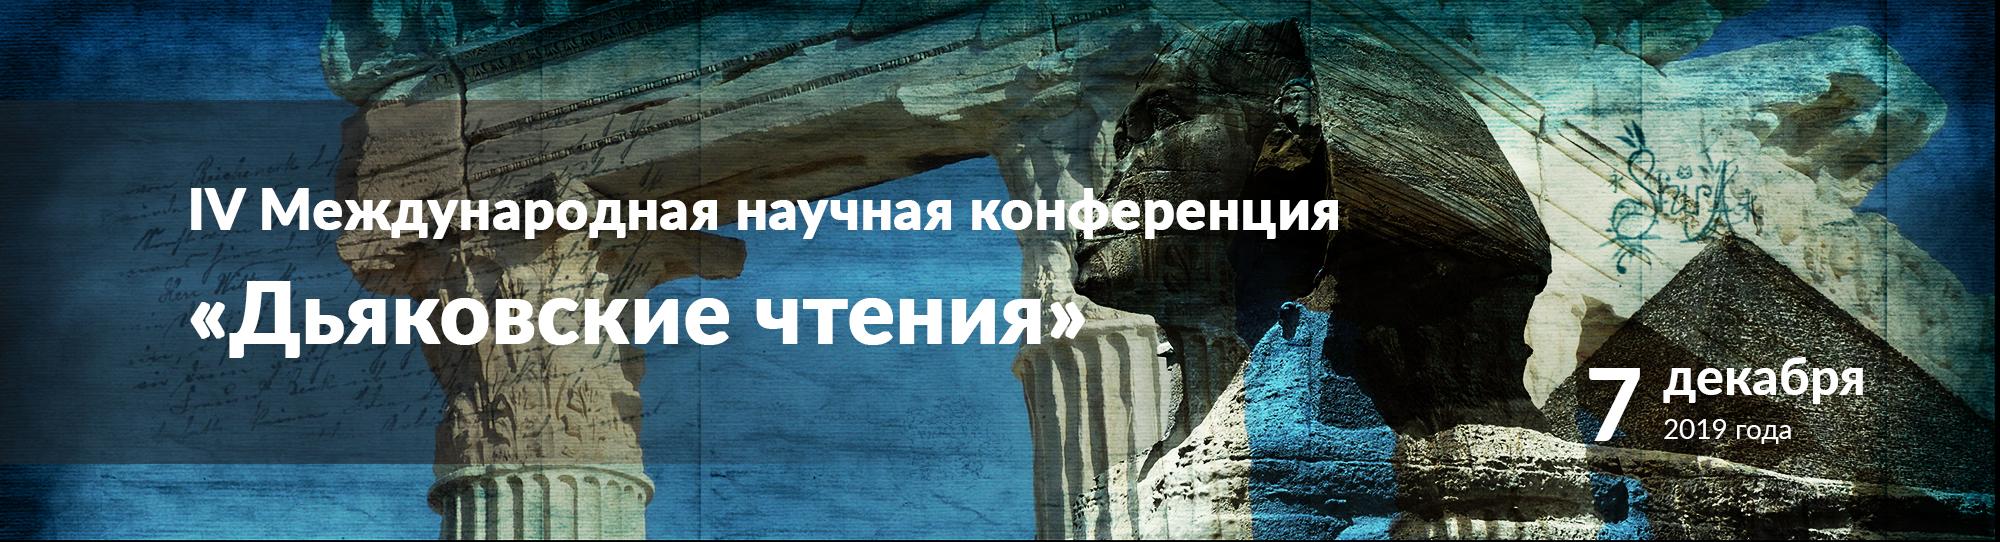 дьяковские чтения 2019